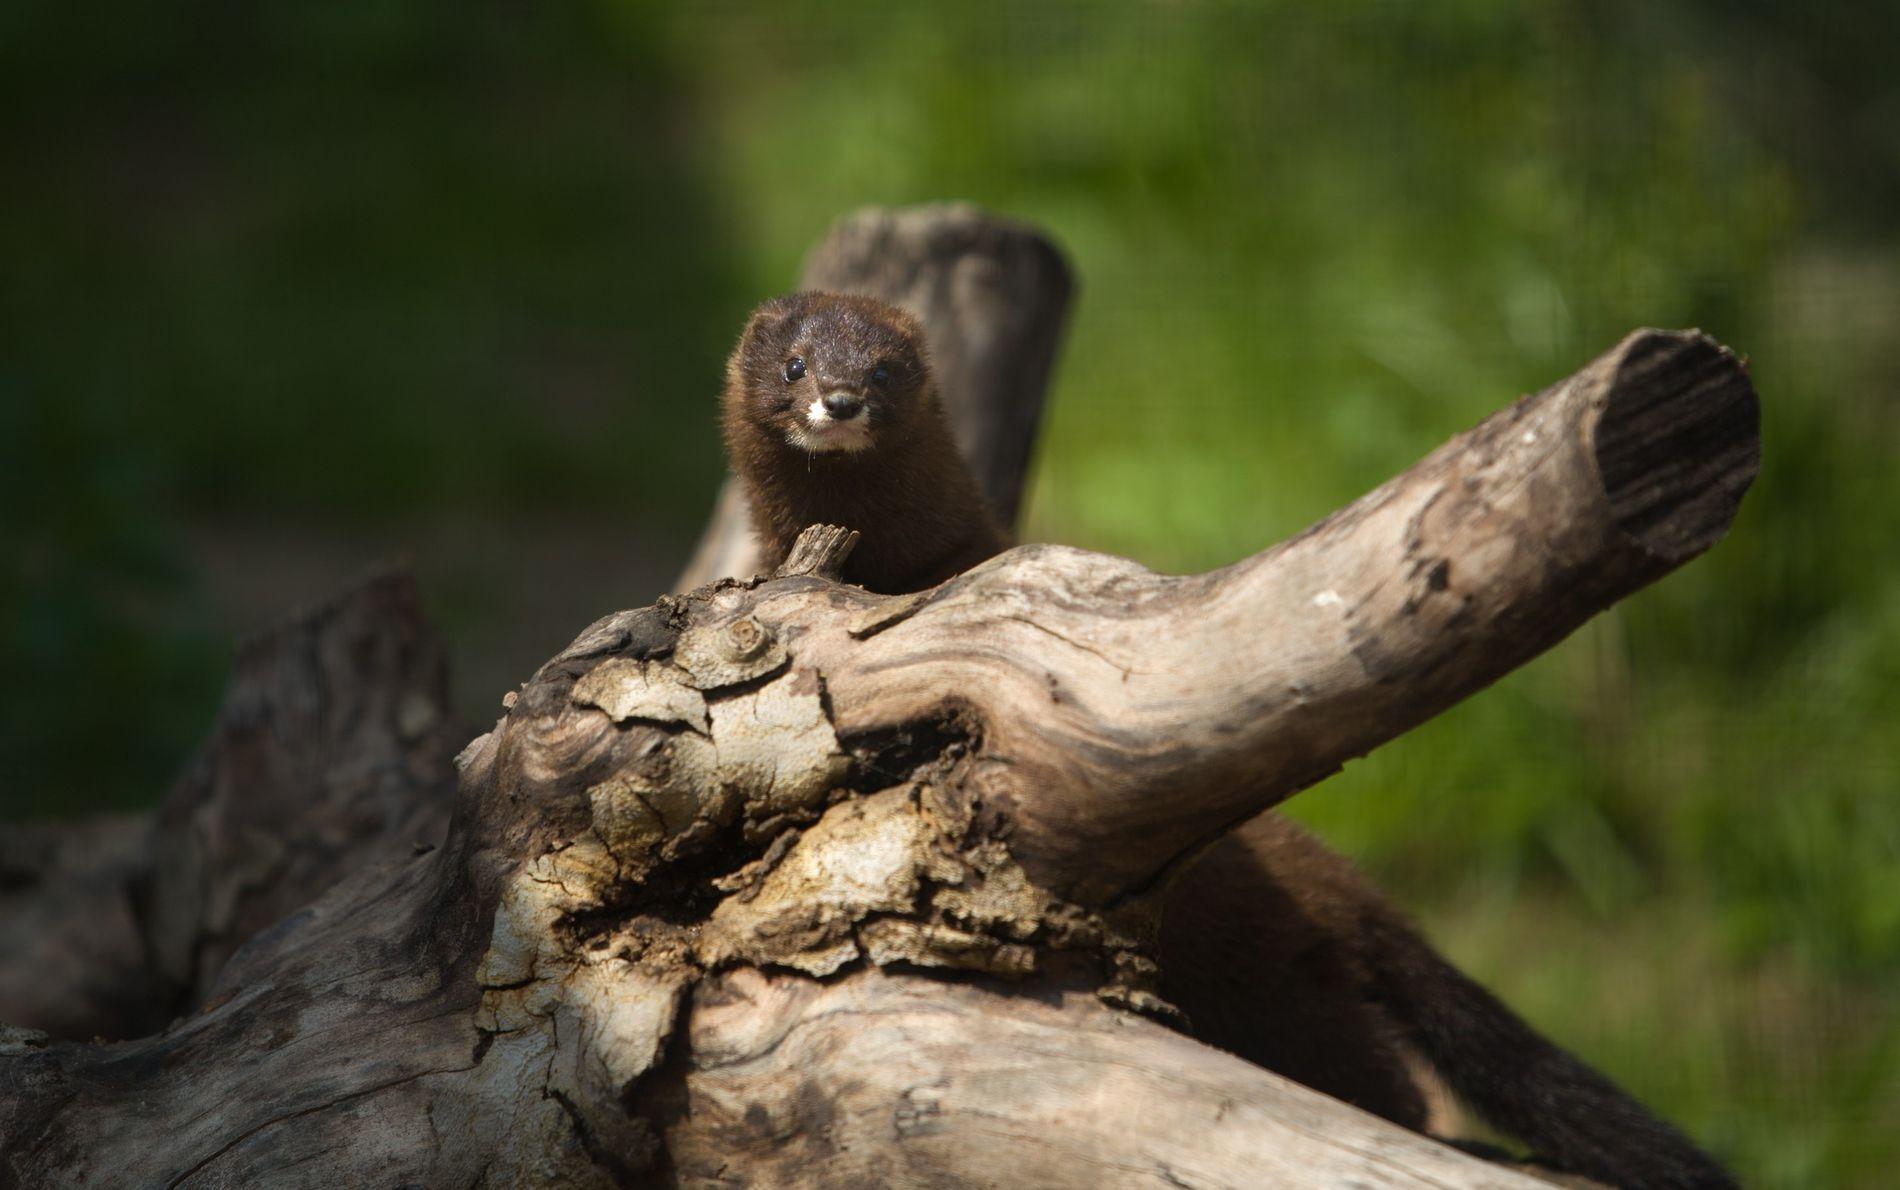 Malgré sa richesse, la France voit sa biodiversité décliner massivement au fil des années. C'est notamment le cas du vison d'Europe (Mustela lutreola) qui figure sur la Liste rouge nationale des espèces menacées de l'UICN France et du MNHN.